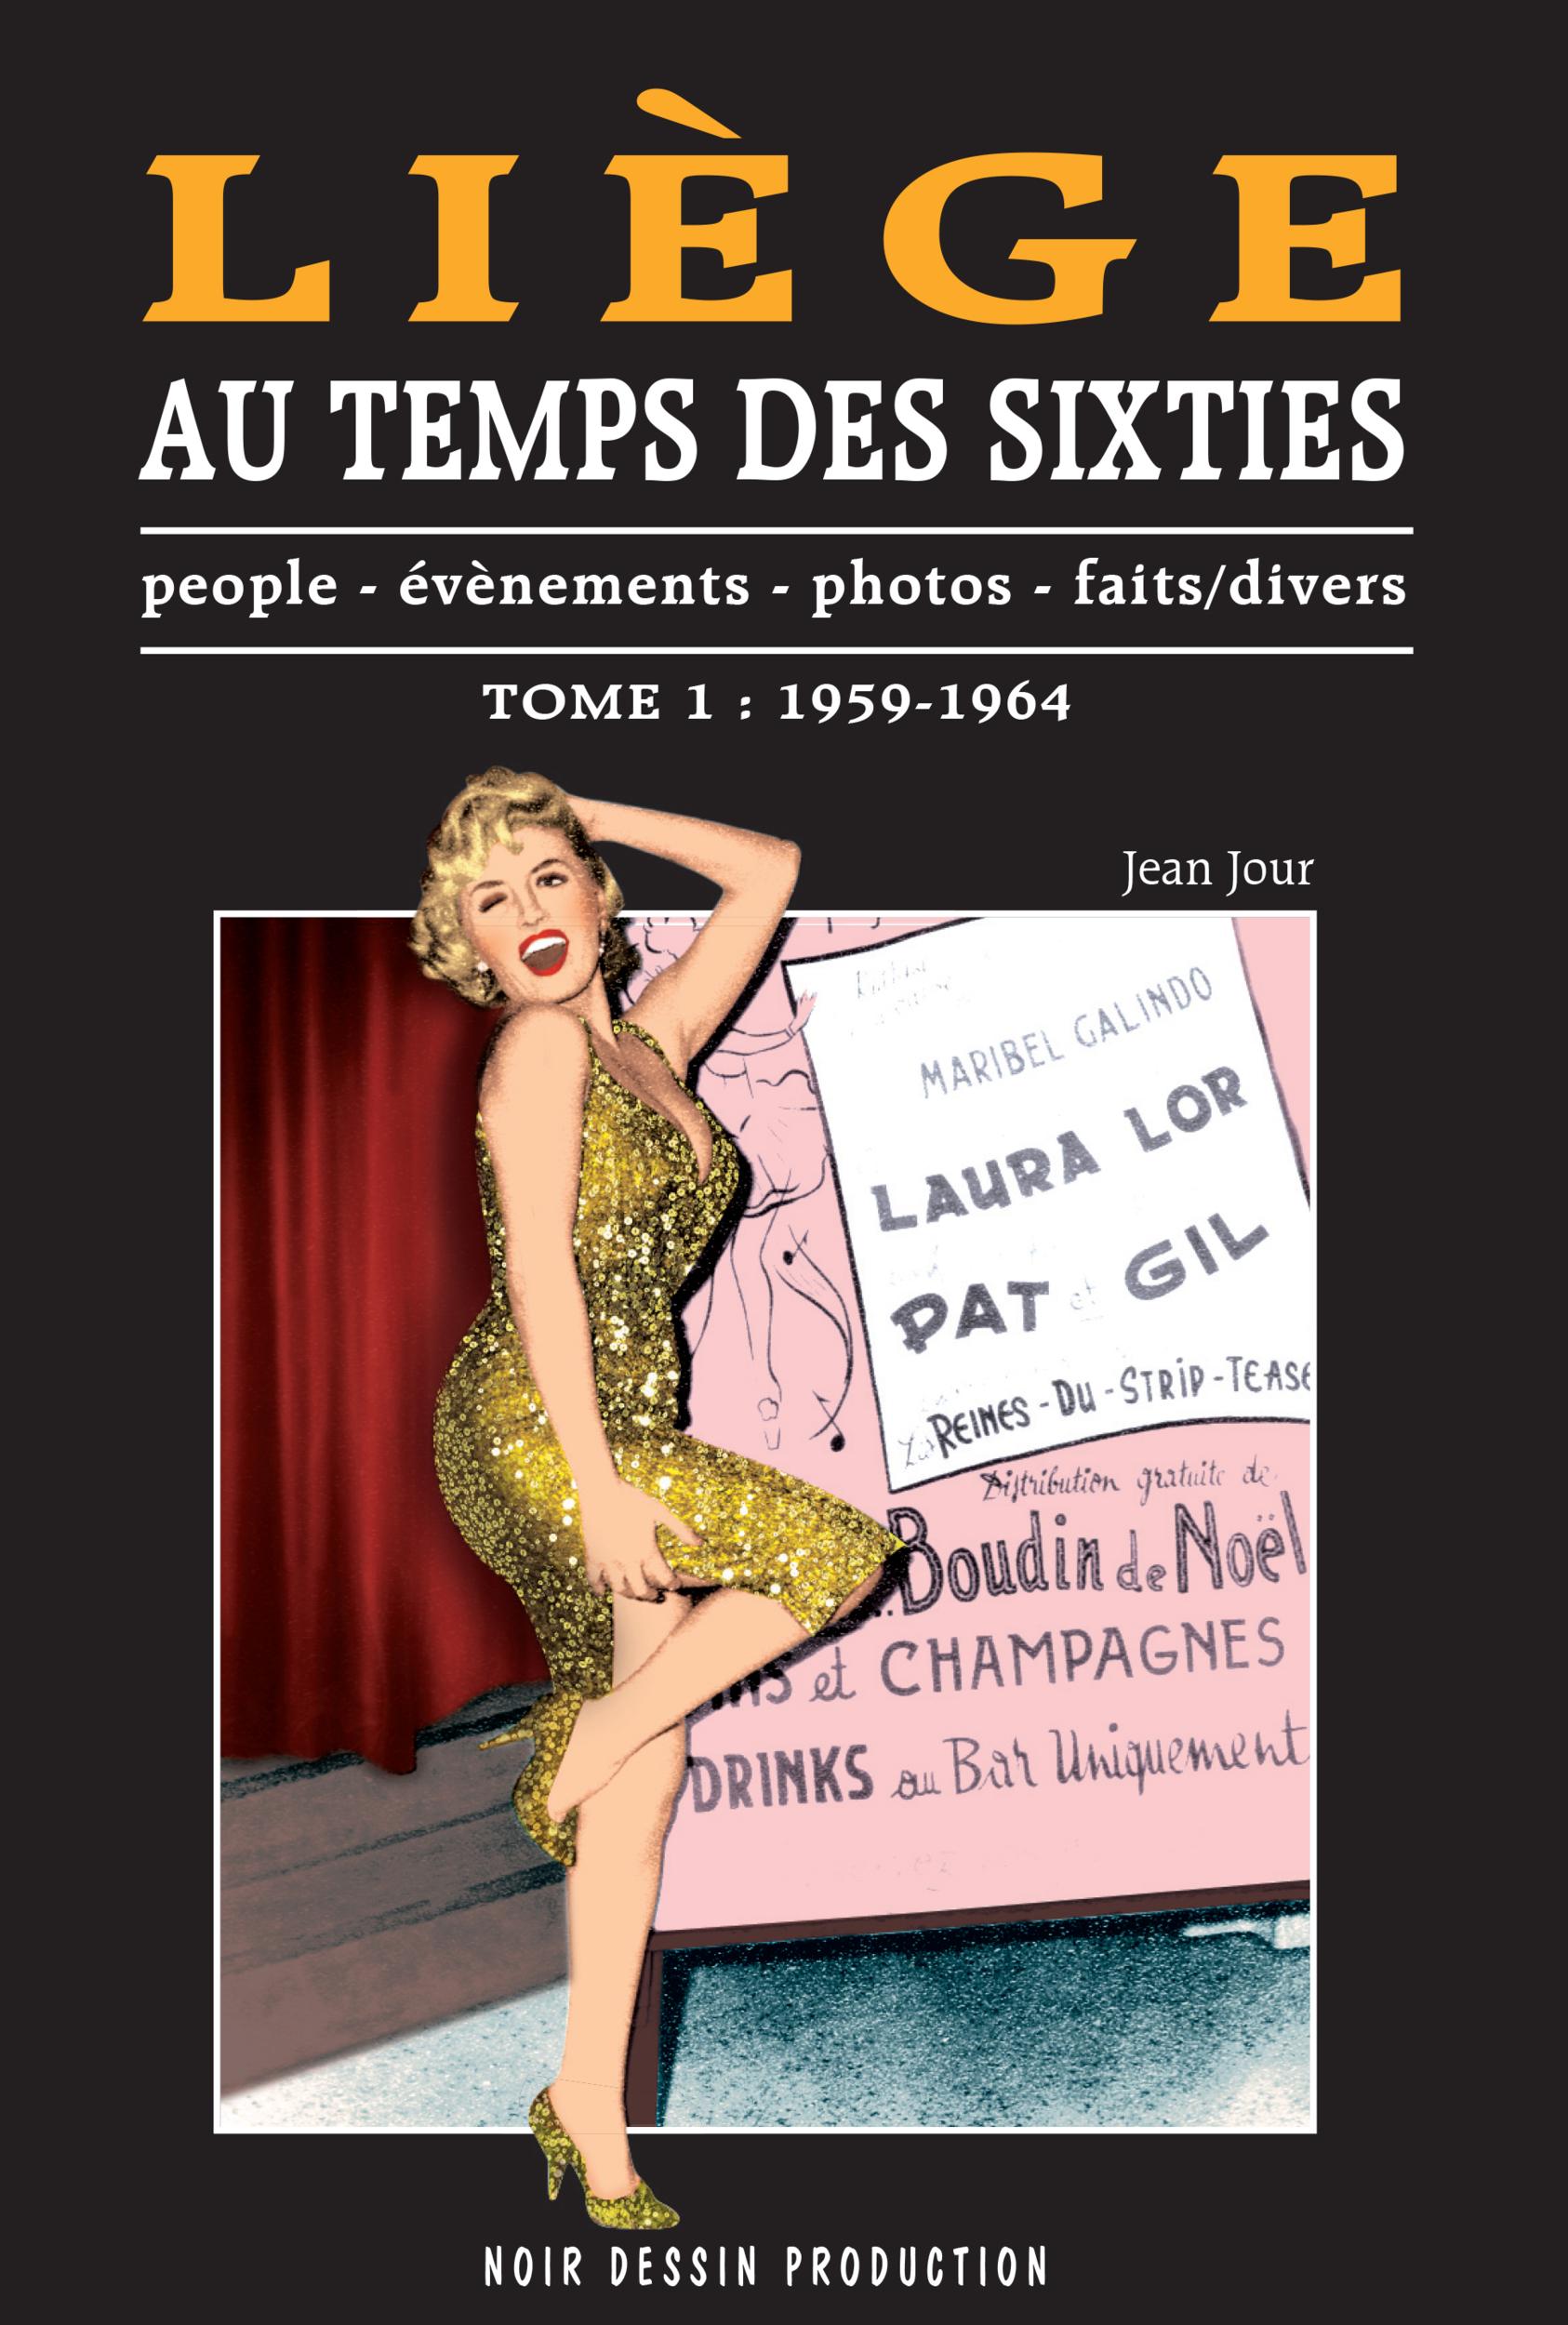 Liege au temps des sixties-cover